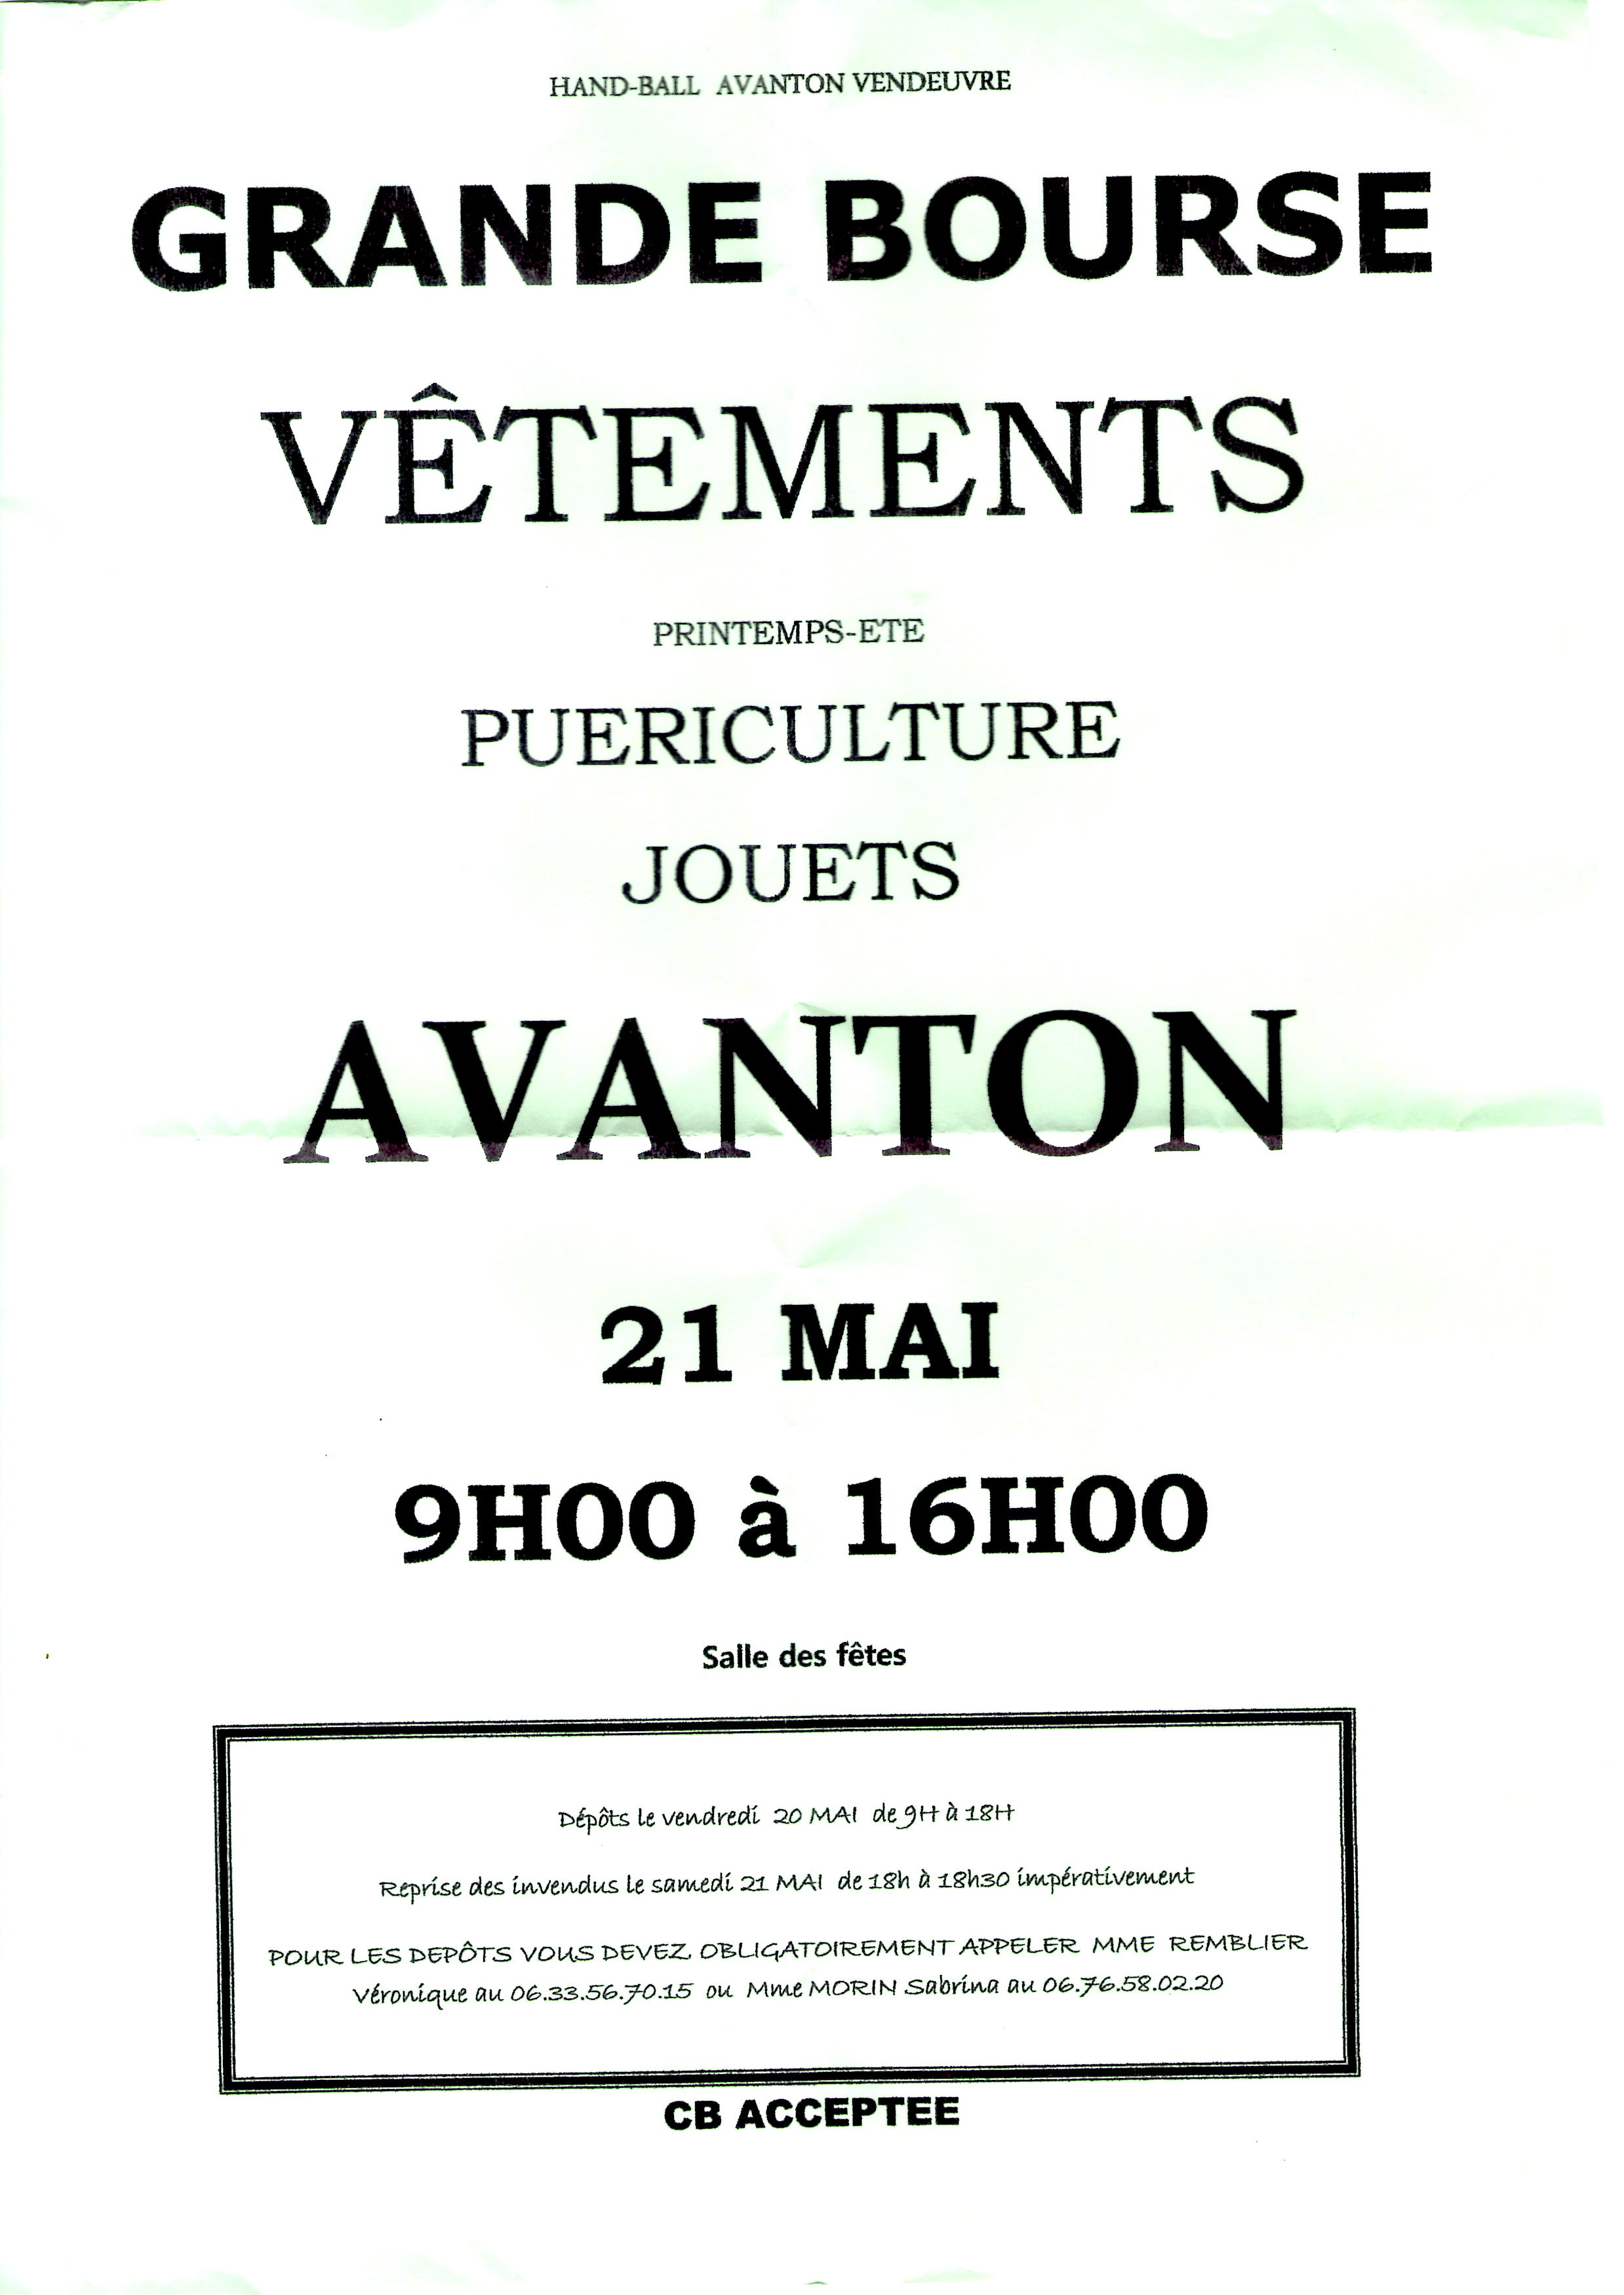 Bourse aux vêtements 21 mai 2016 Avanton